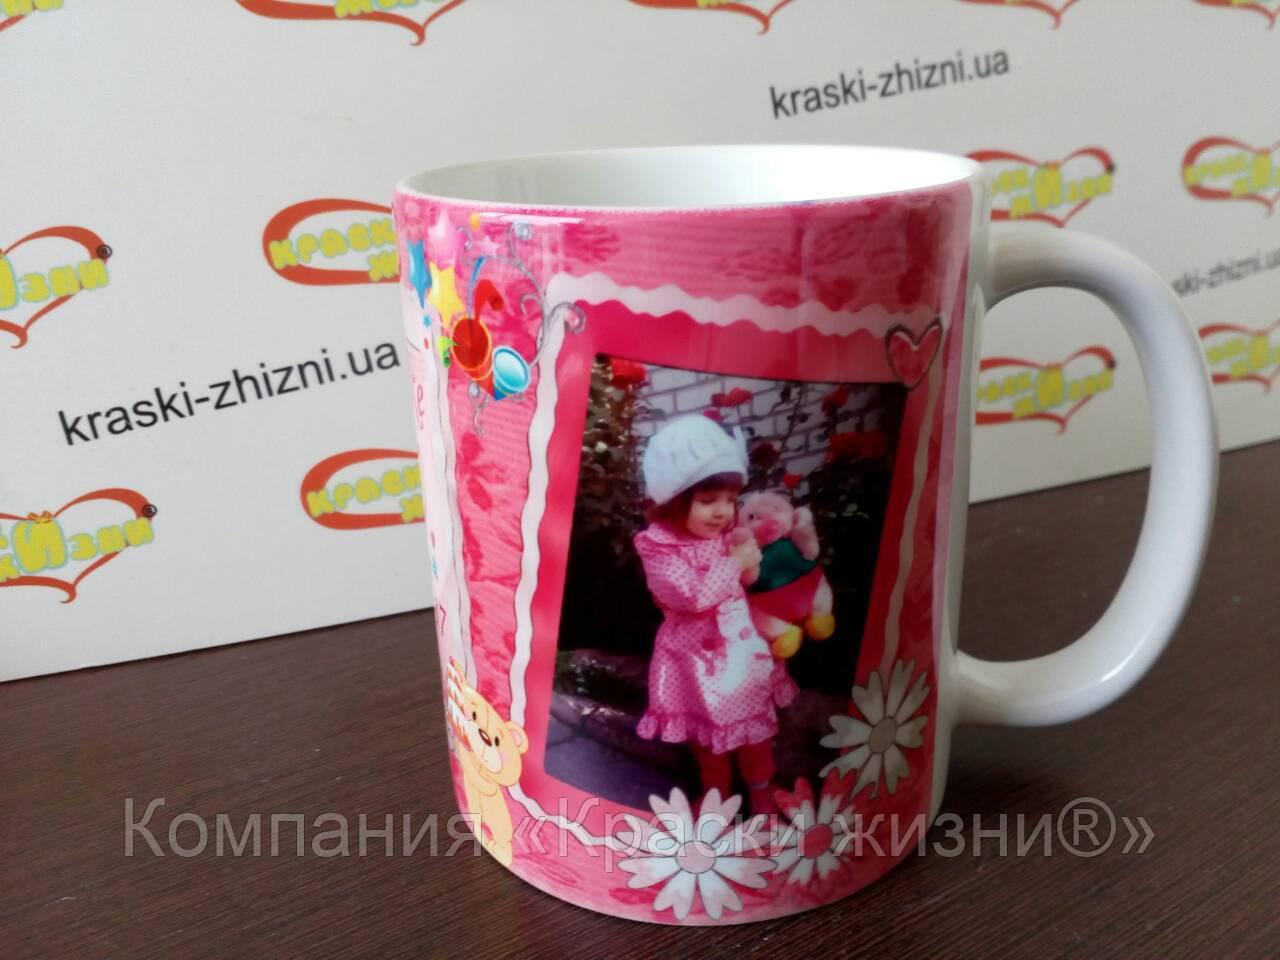 Фото чашка - Компания «Краски жизни®» в Харькове